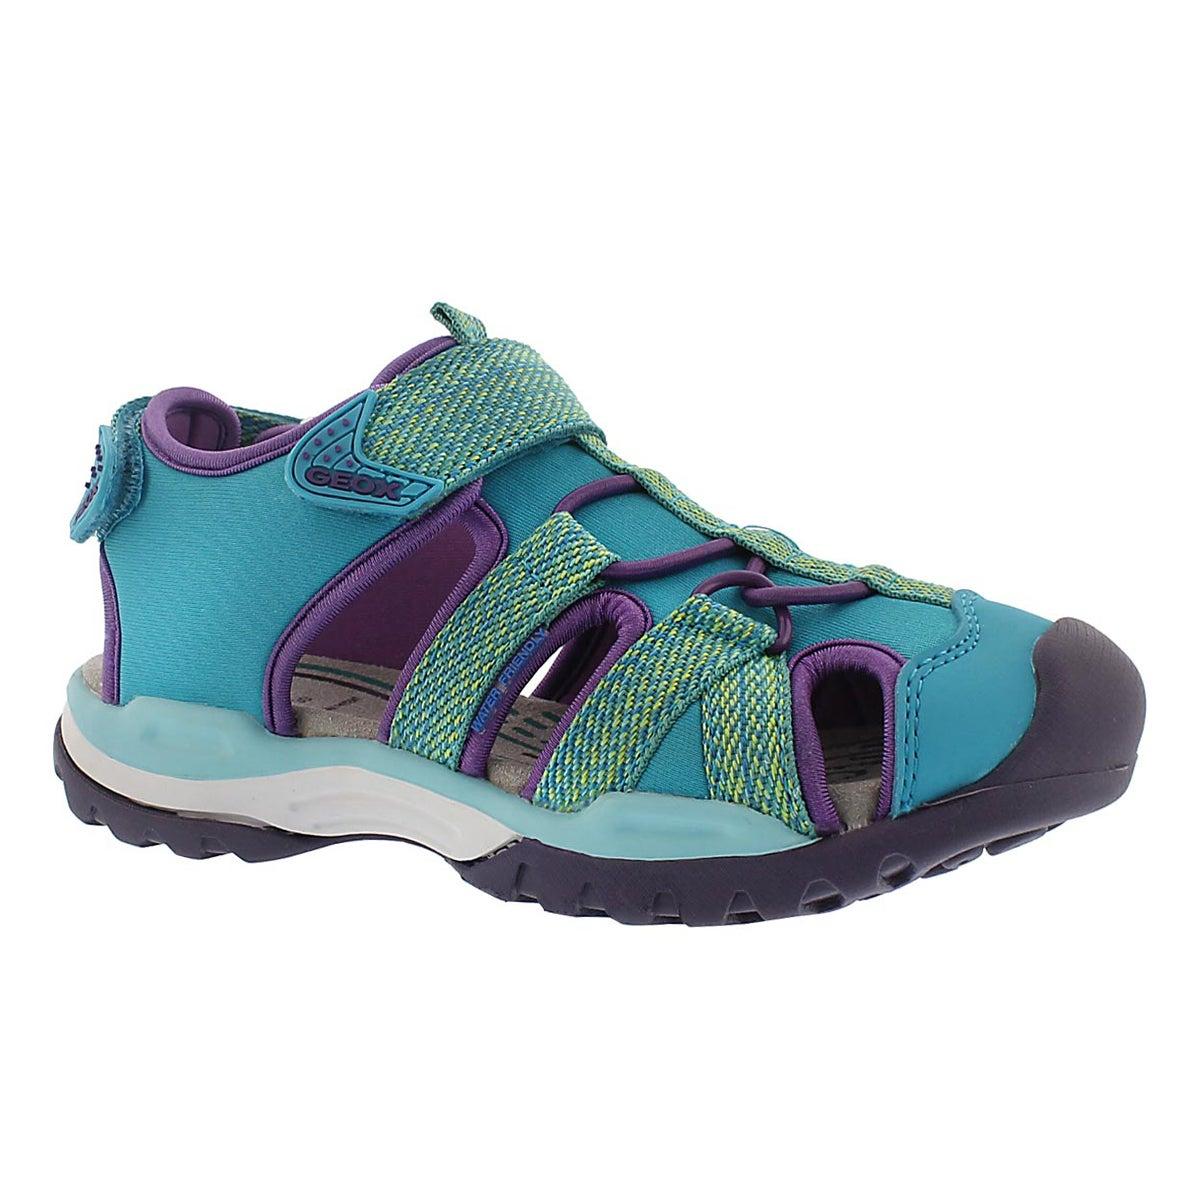 Grls Borealis watersea fisherman sandal